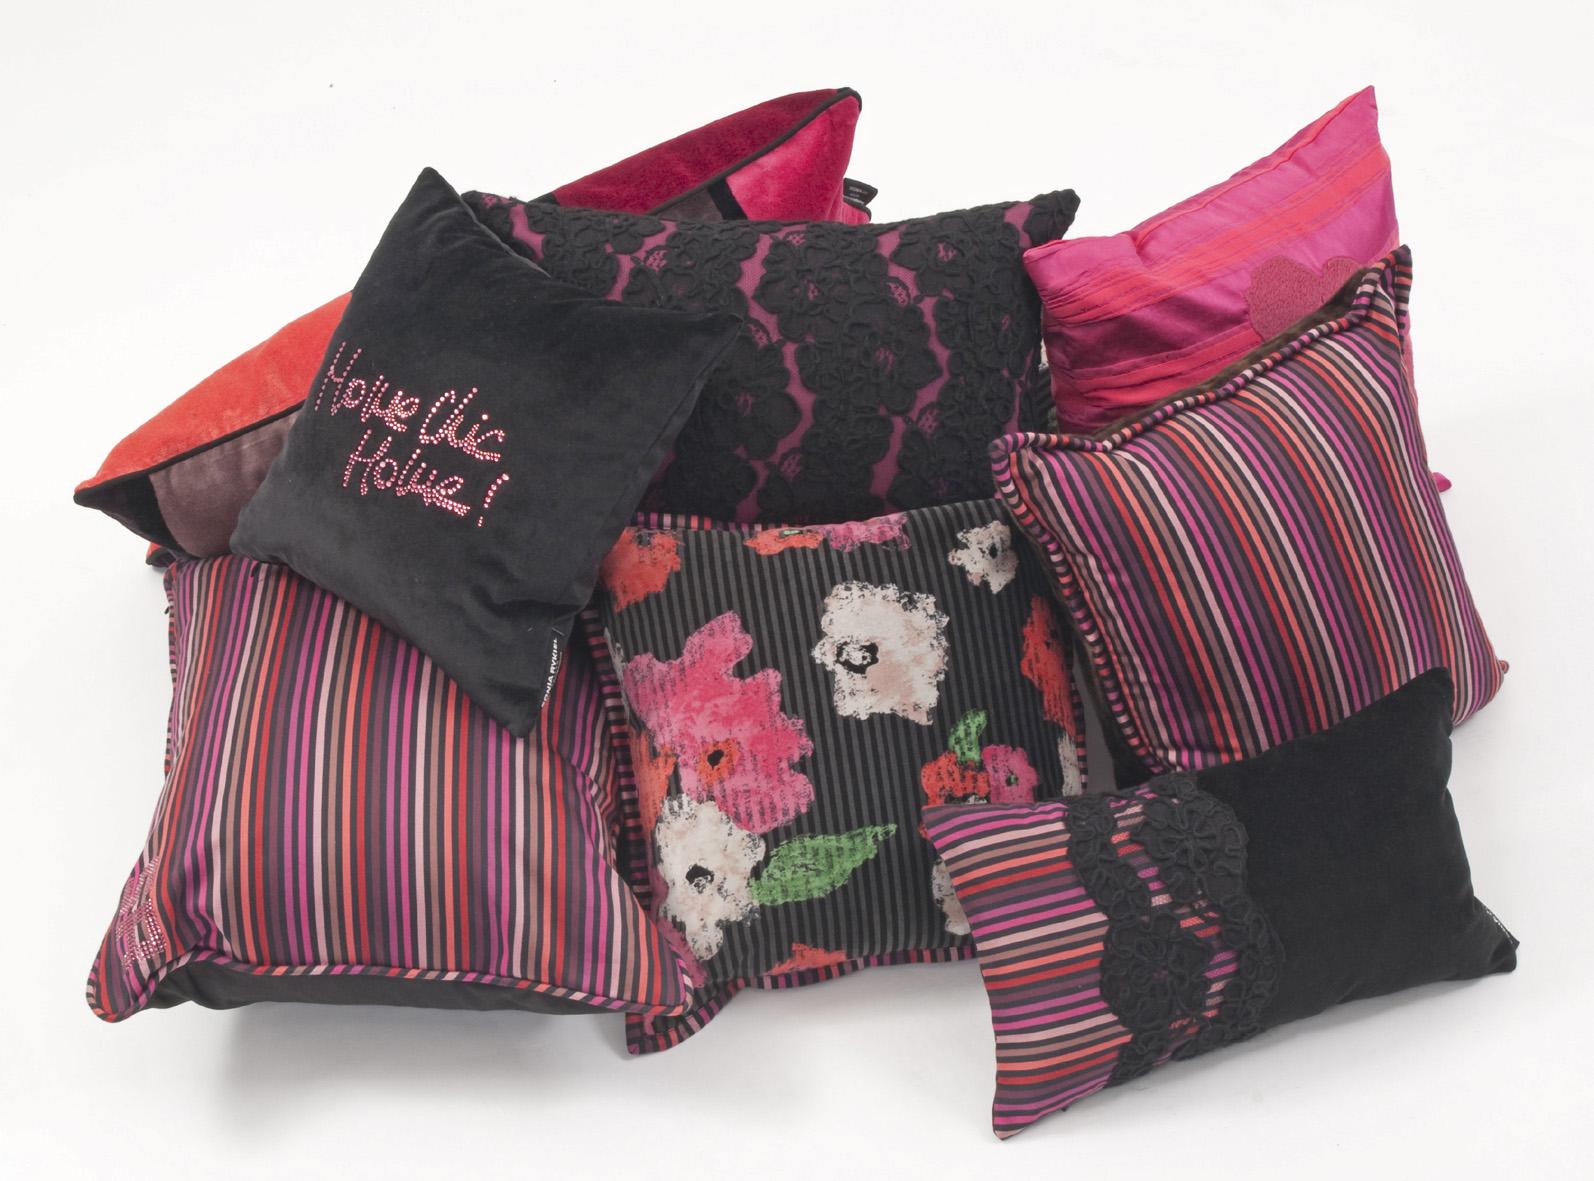 Sonia rykiel collabore avec roche bobois le blog des tendances - Coussins roche bobois ...